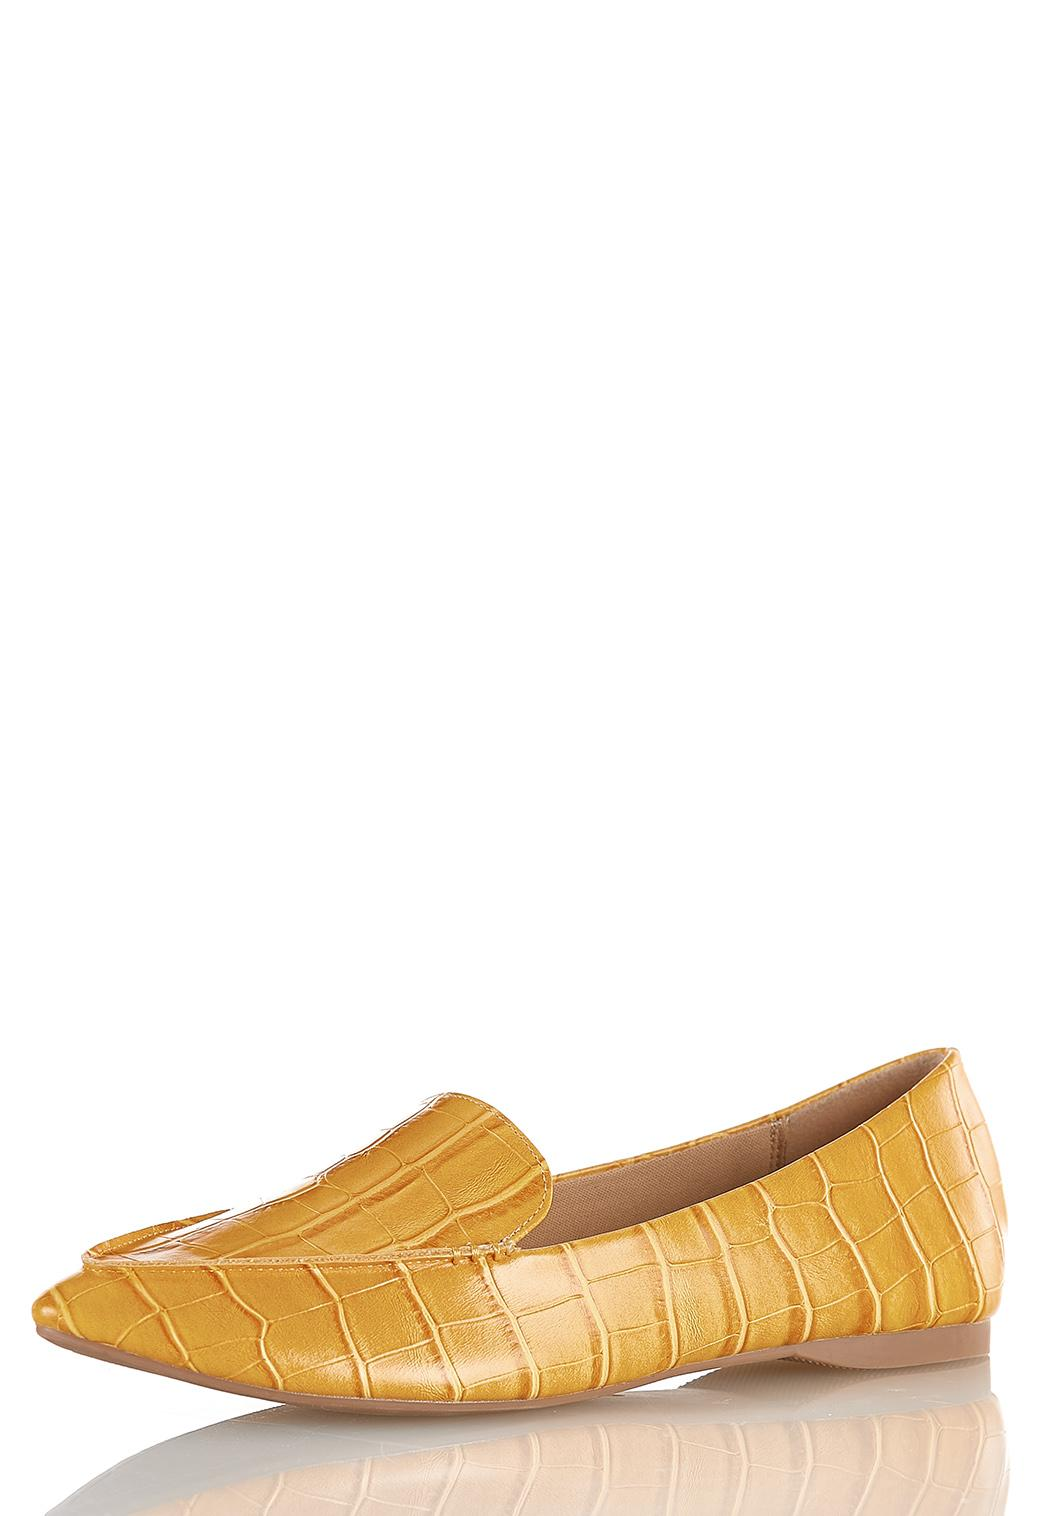 Croc Loafer Flats